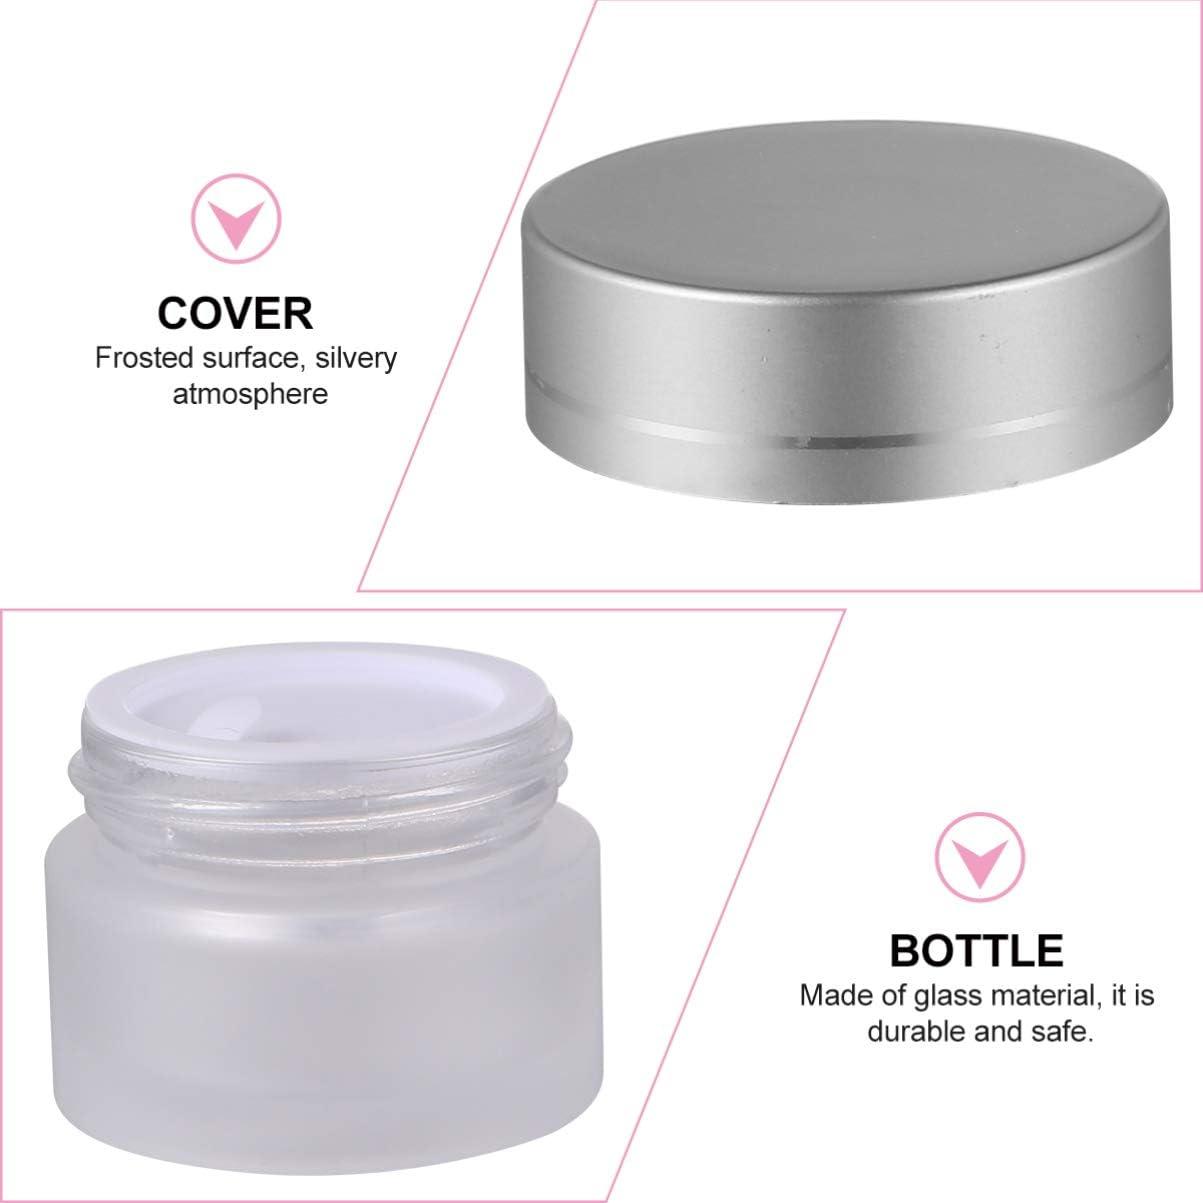 VALICLUD 6 Piezas de Envases de Vidrio Vac/íos para Cosm/éticos Frascos de Muestra Transparentes Peque/ñas Jarras de Maquillaje para Viajes con Tapas para Cremas de T/óner de Aceite B/álsamo